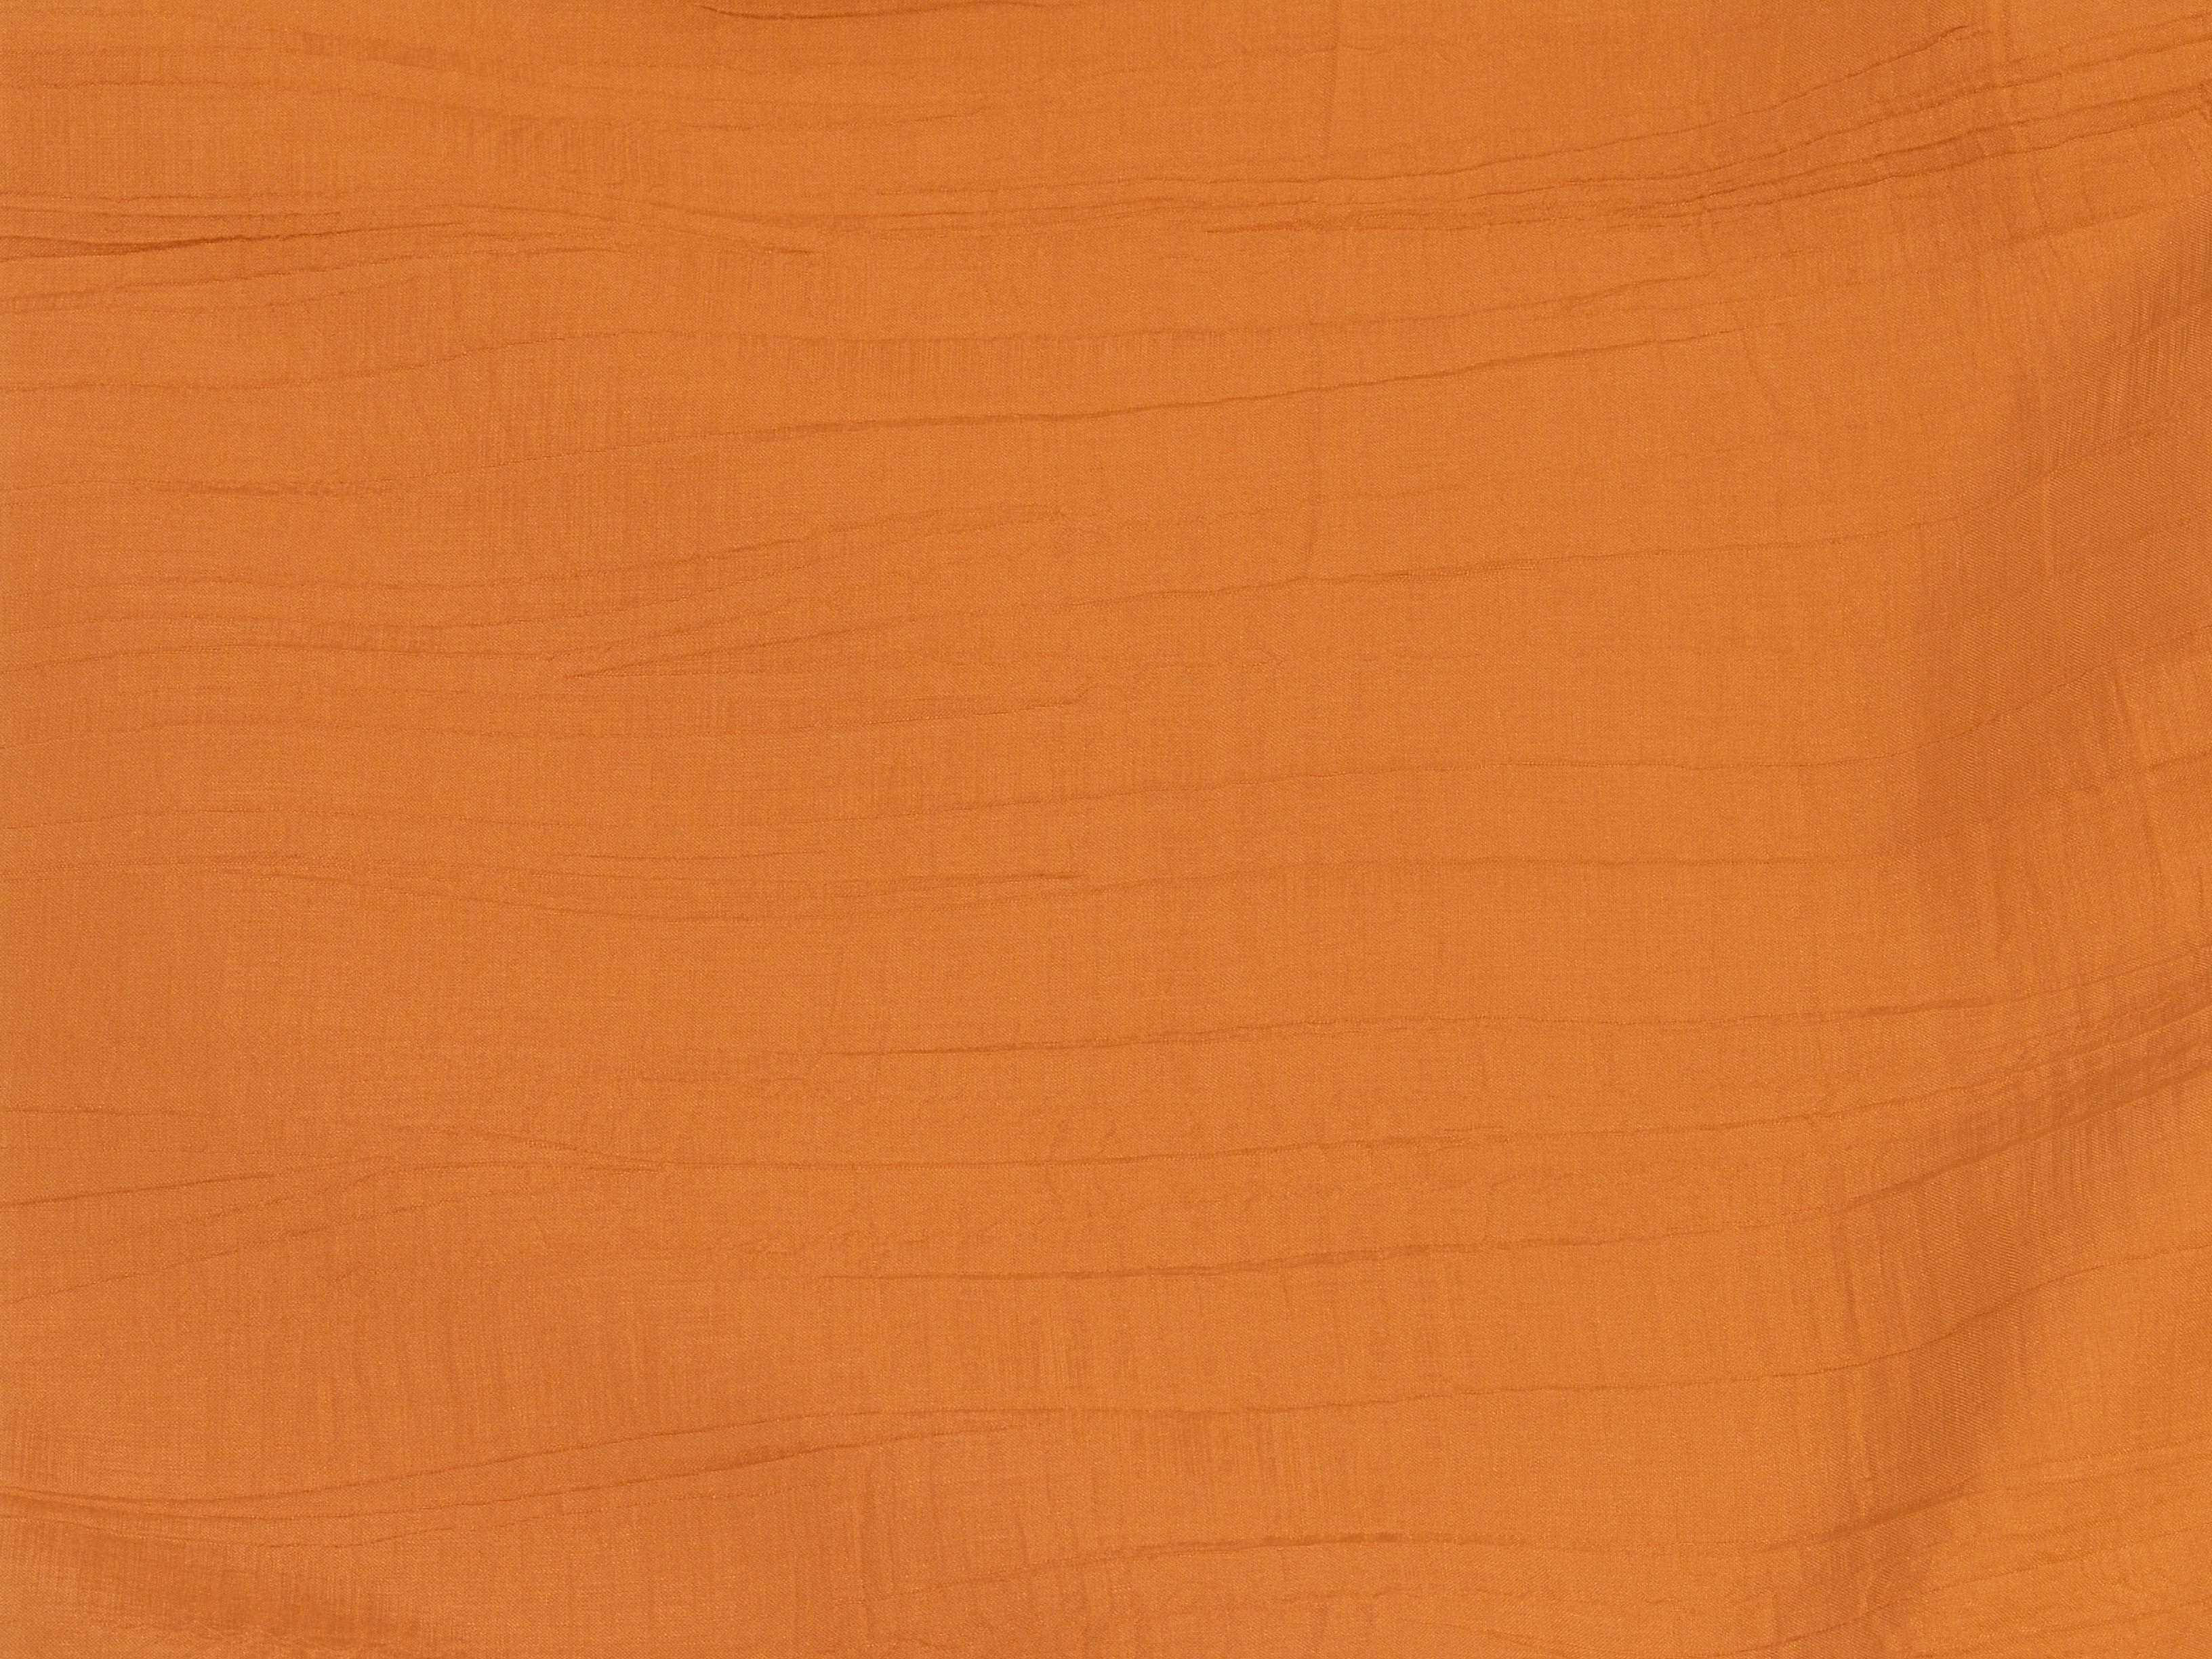 Pumpkin Crushed Silks - LSK07